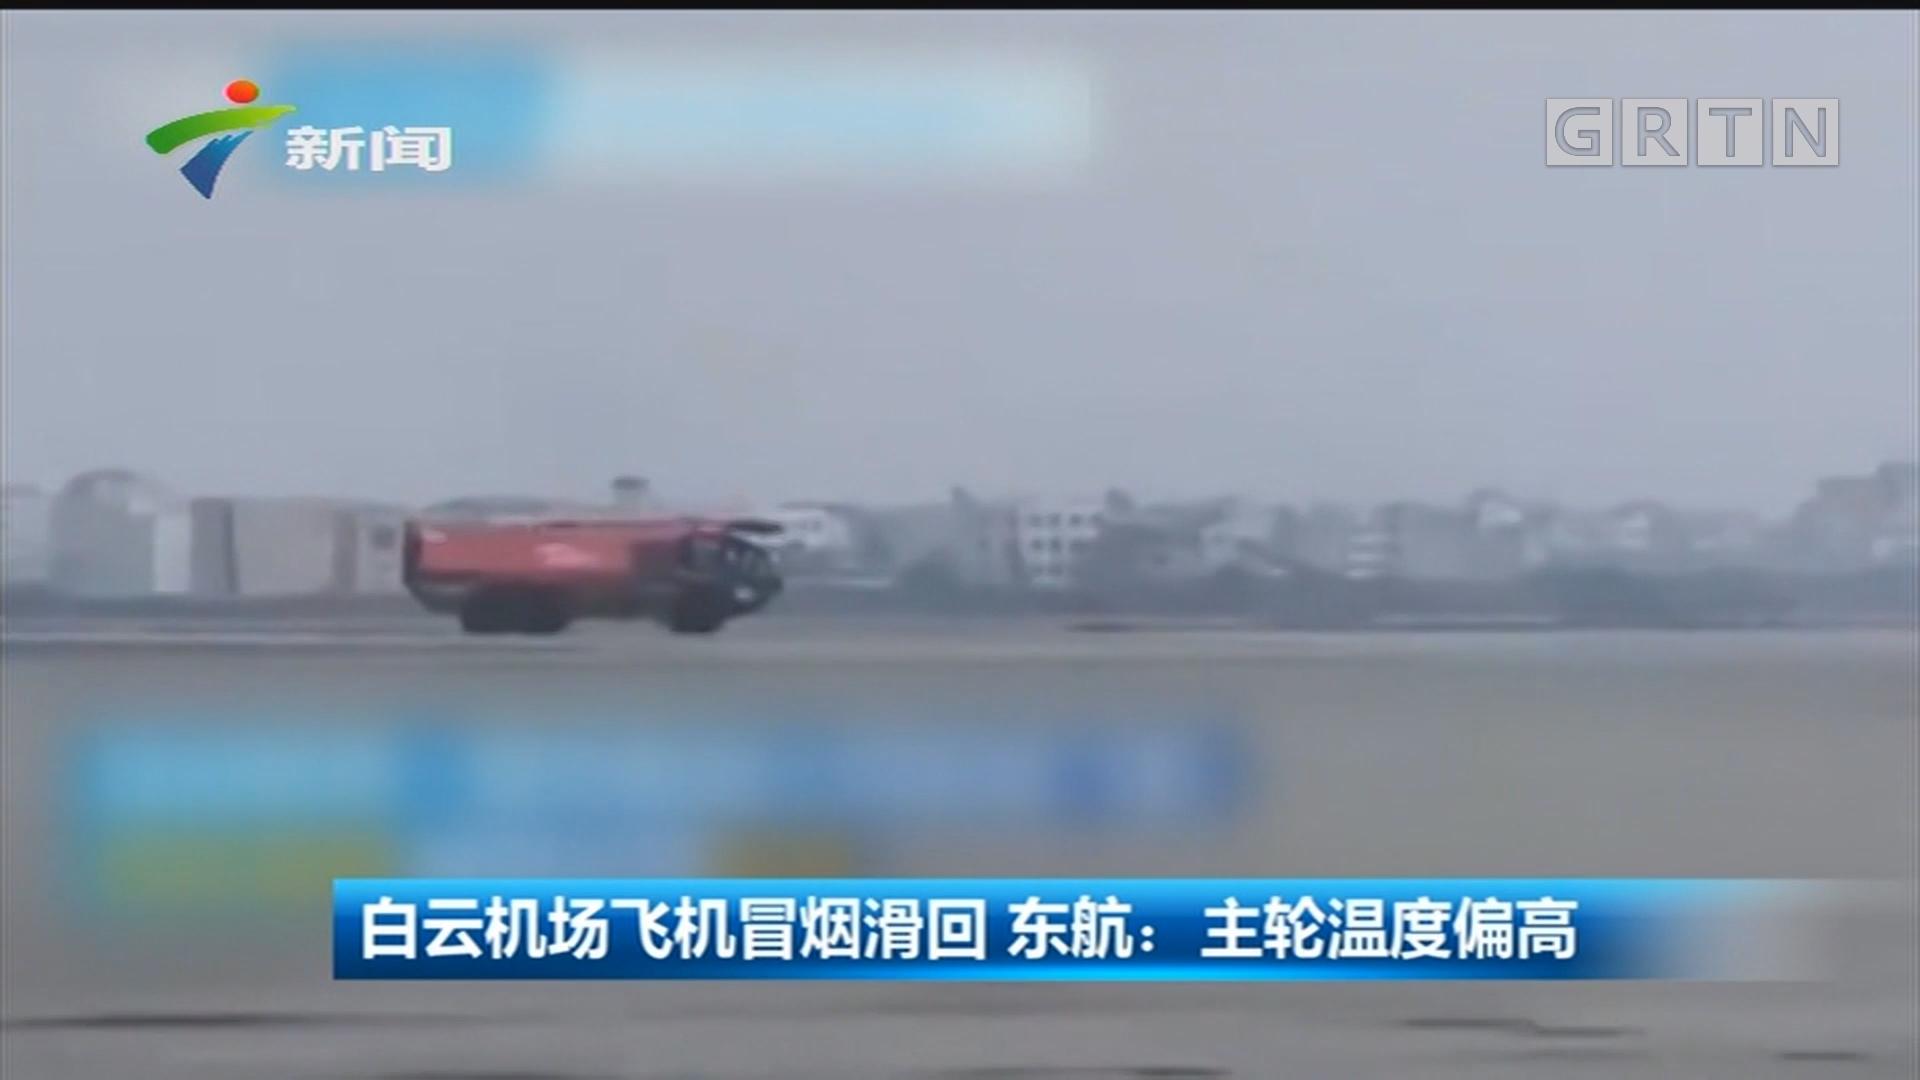 白云机场飞机冒烟滑回 东航:主轮温度偏高